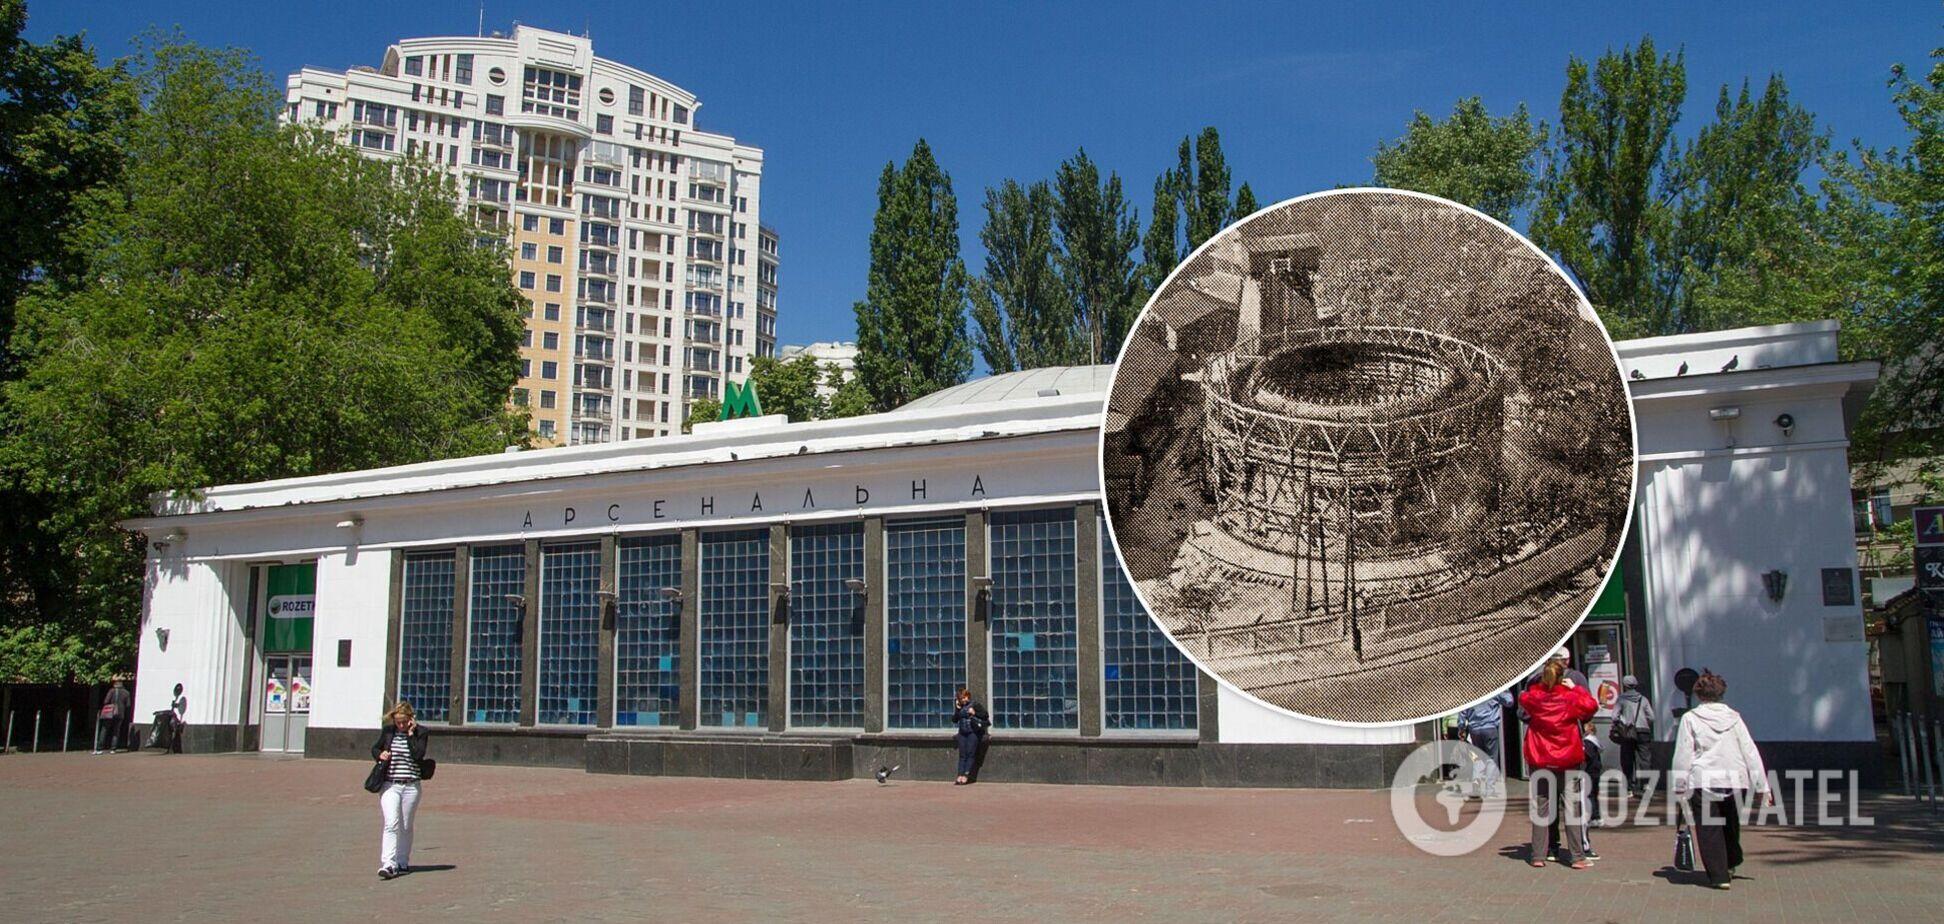 Станція почала приймати пасажирів у 1960 році